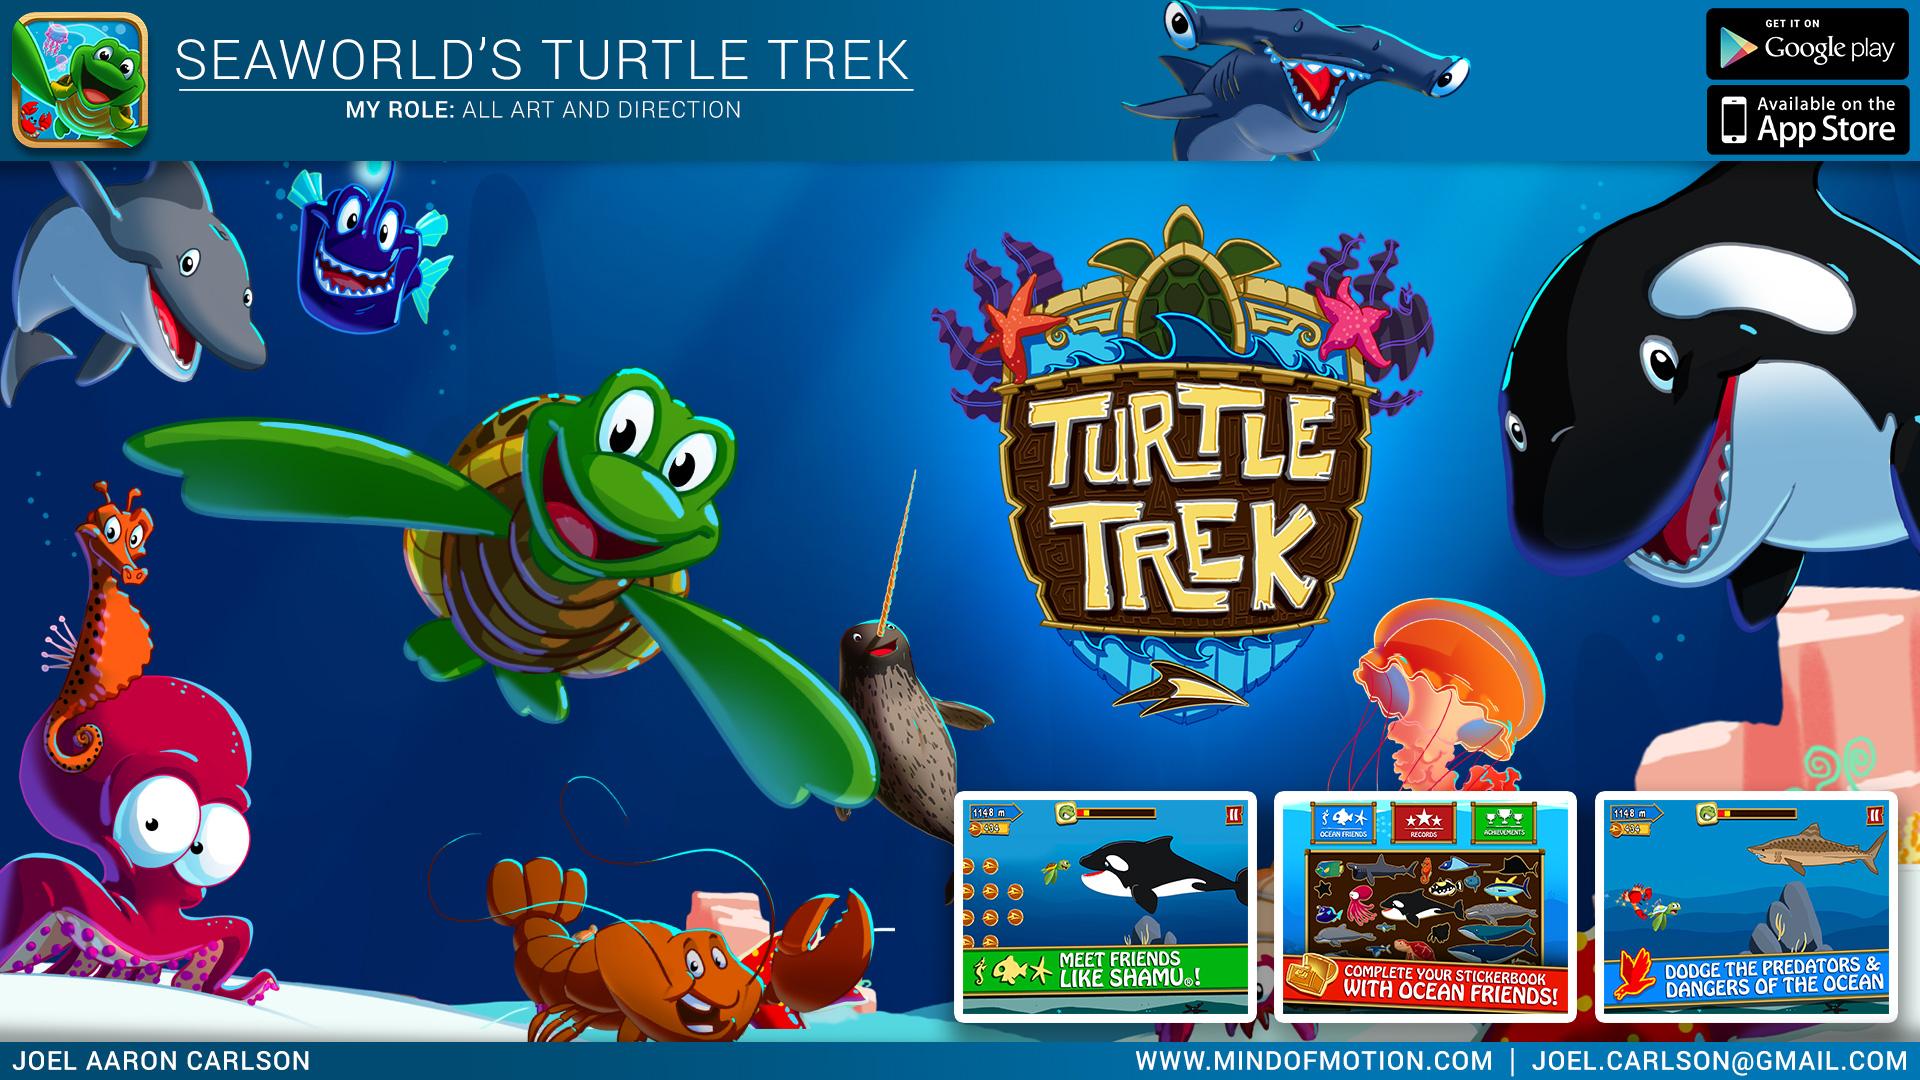 Portfolio-GameDevelopment-01-SeaWorldsTurtleTrek.jpg